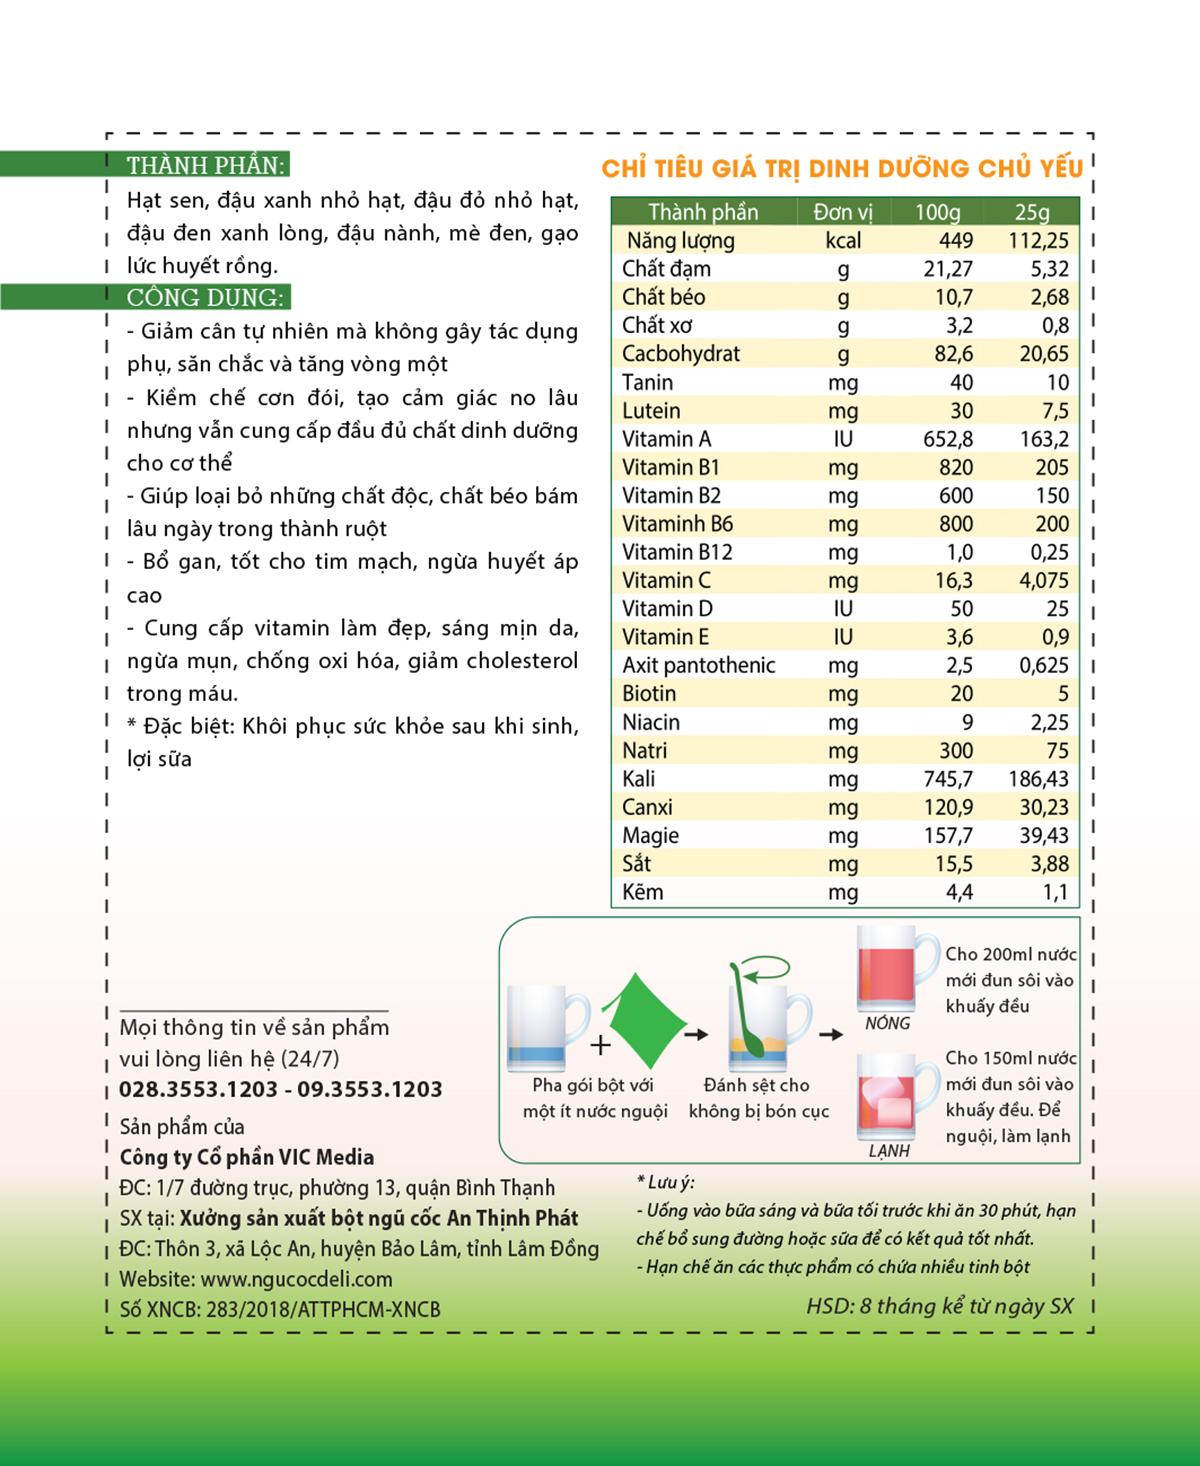 Bột ngũ cốc hỗ trợ giảm cân DeliBeans (Hộp 800g) 13 - Deli Beans